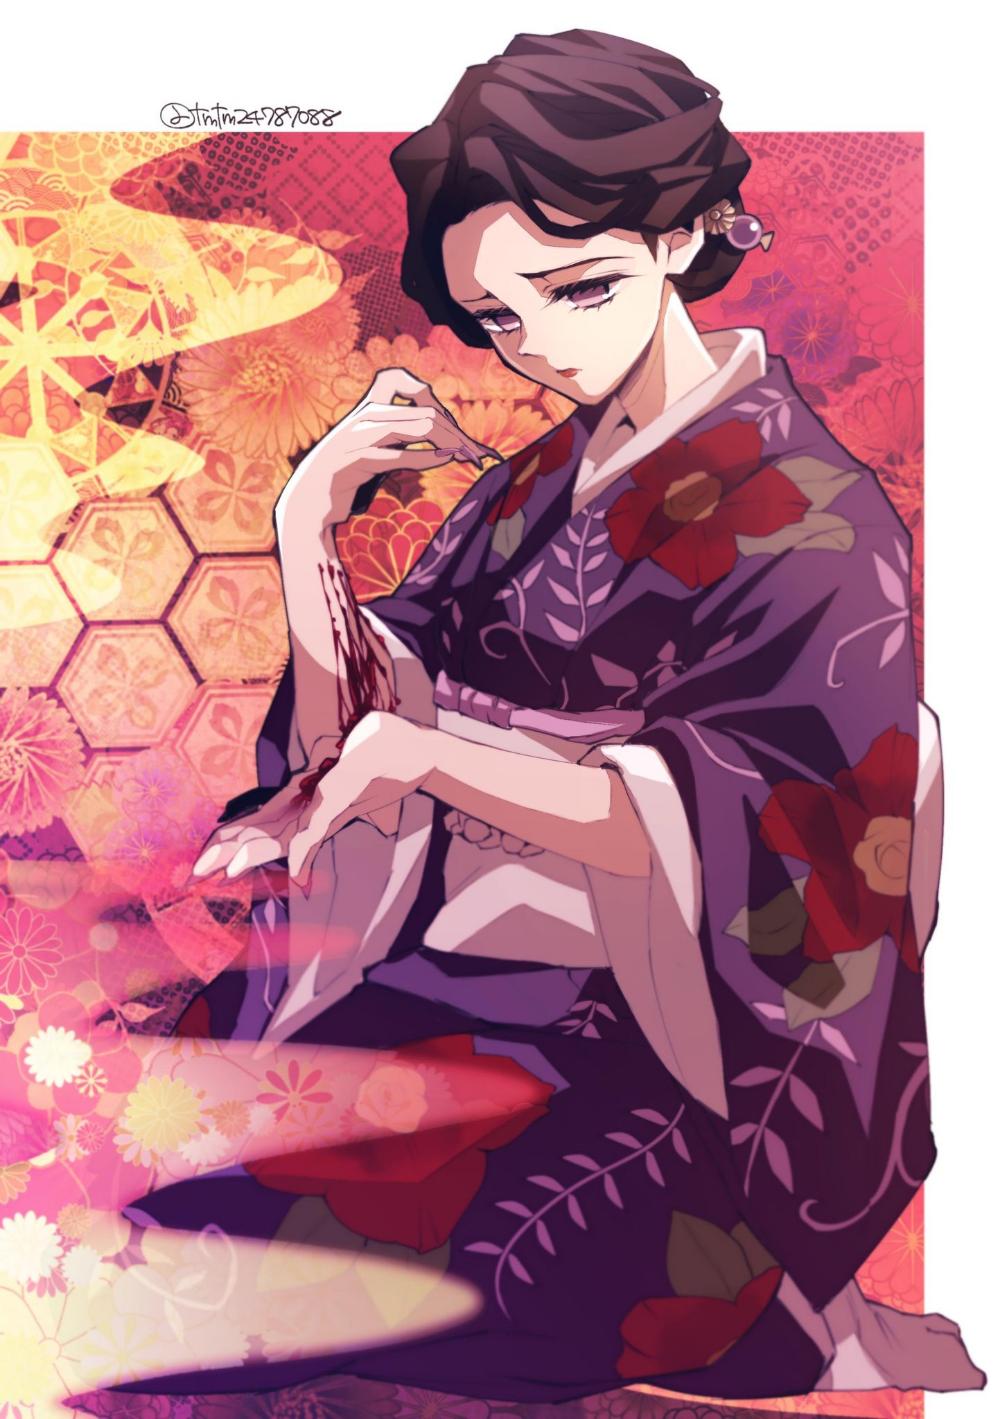 Tamayo Kimetsu No Yaiba Image 2698819 Zerochan Anime Anime Demon Slayer